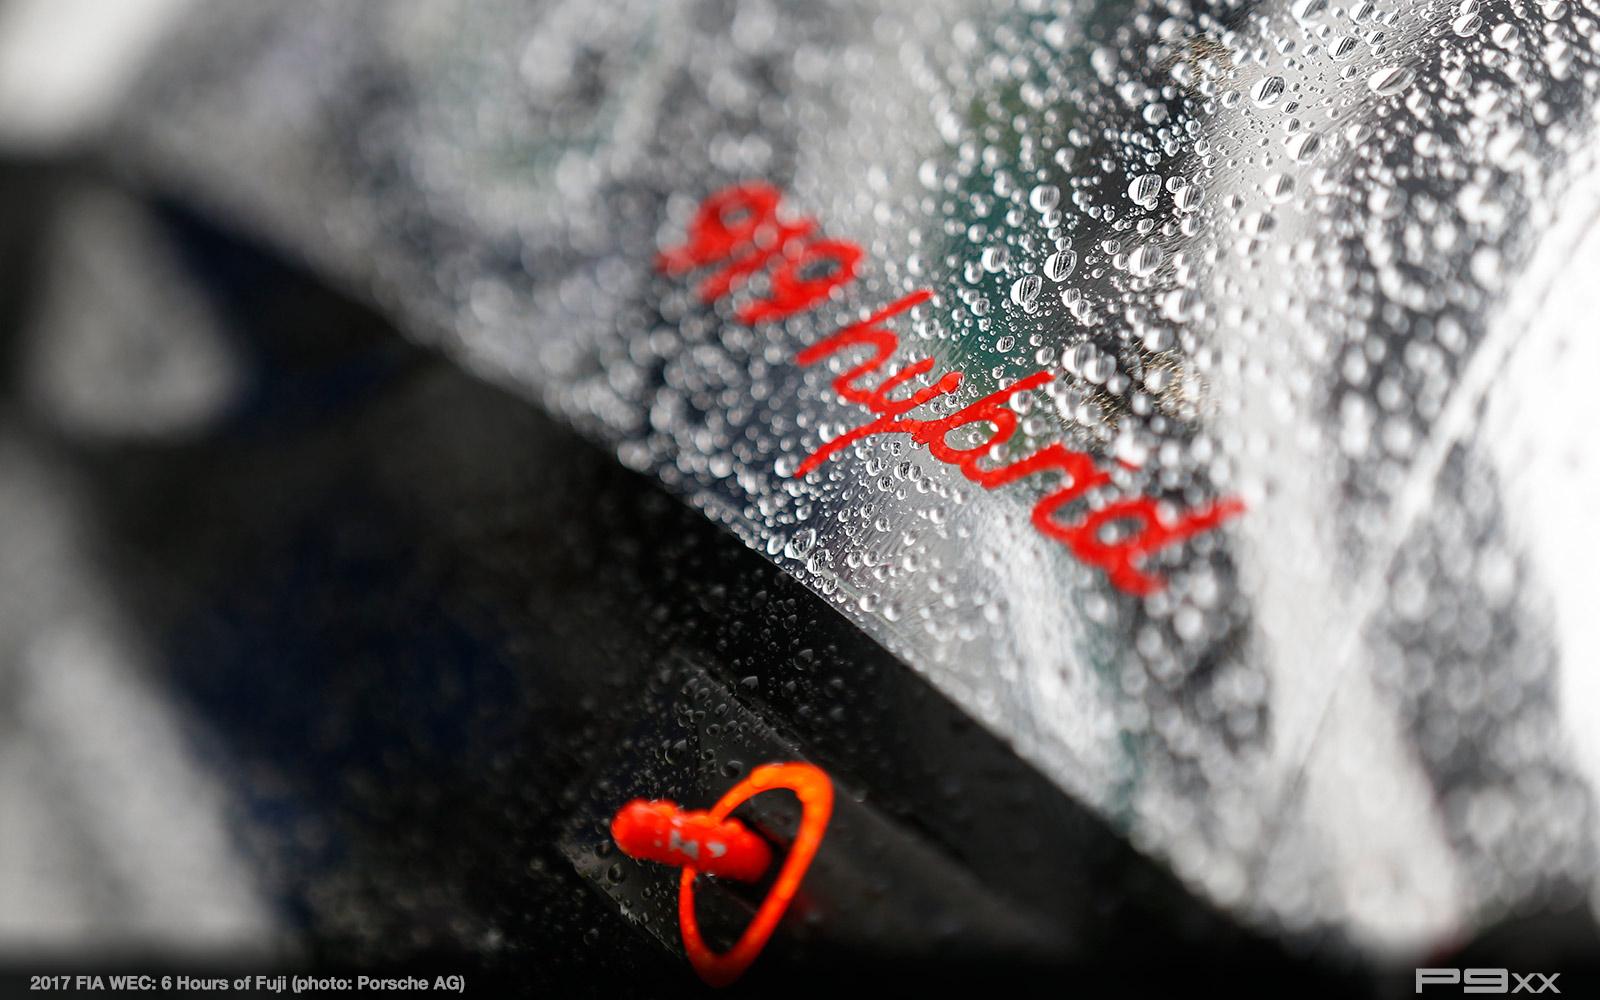 2017-FIA-WEC-6h-of-Fuji-Porsche-429